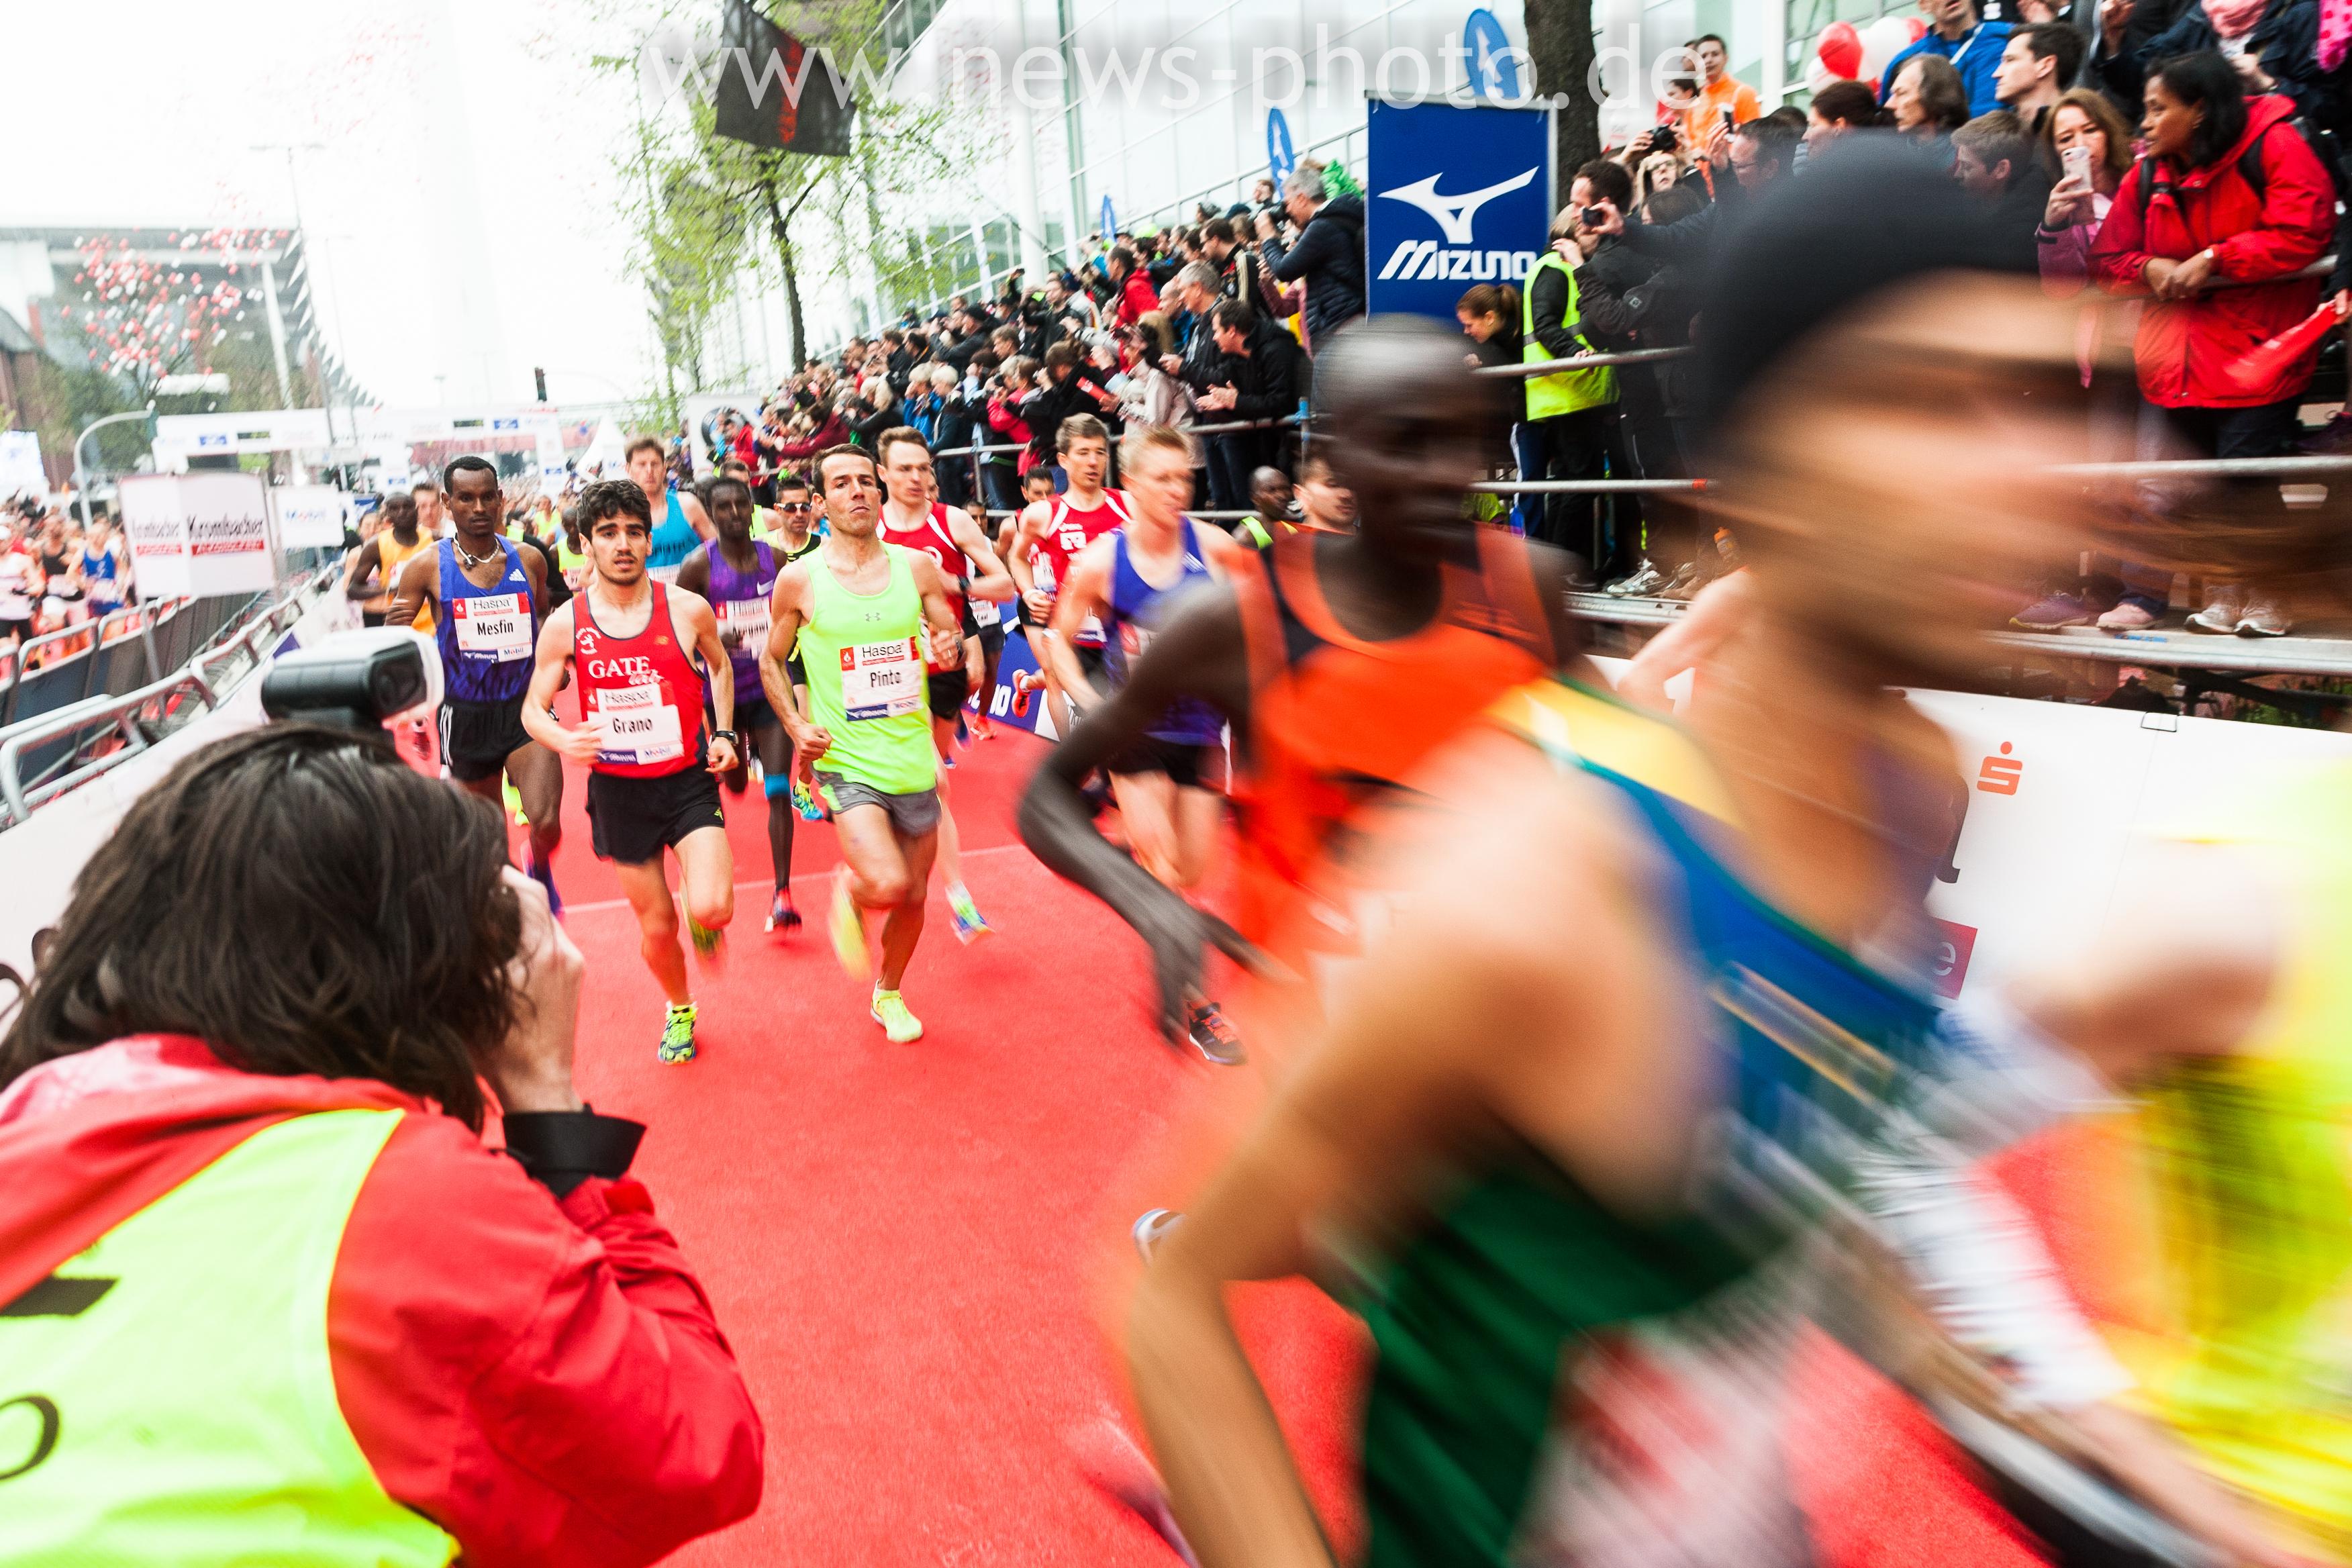 Die Proiläufer Starten beim Haspa Marathon 2015